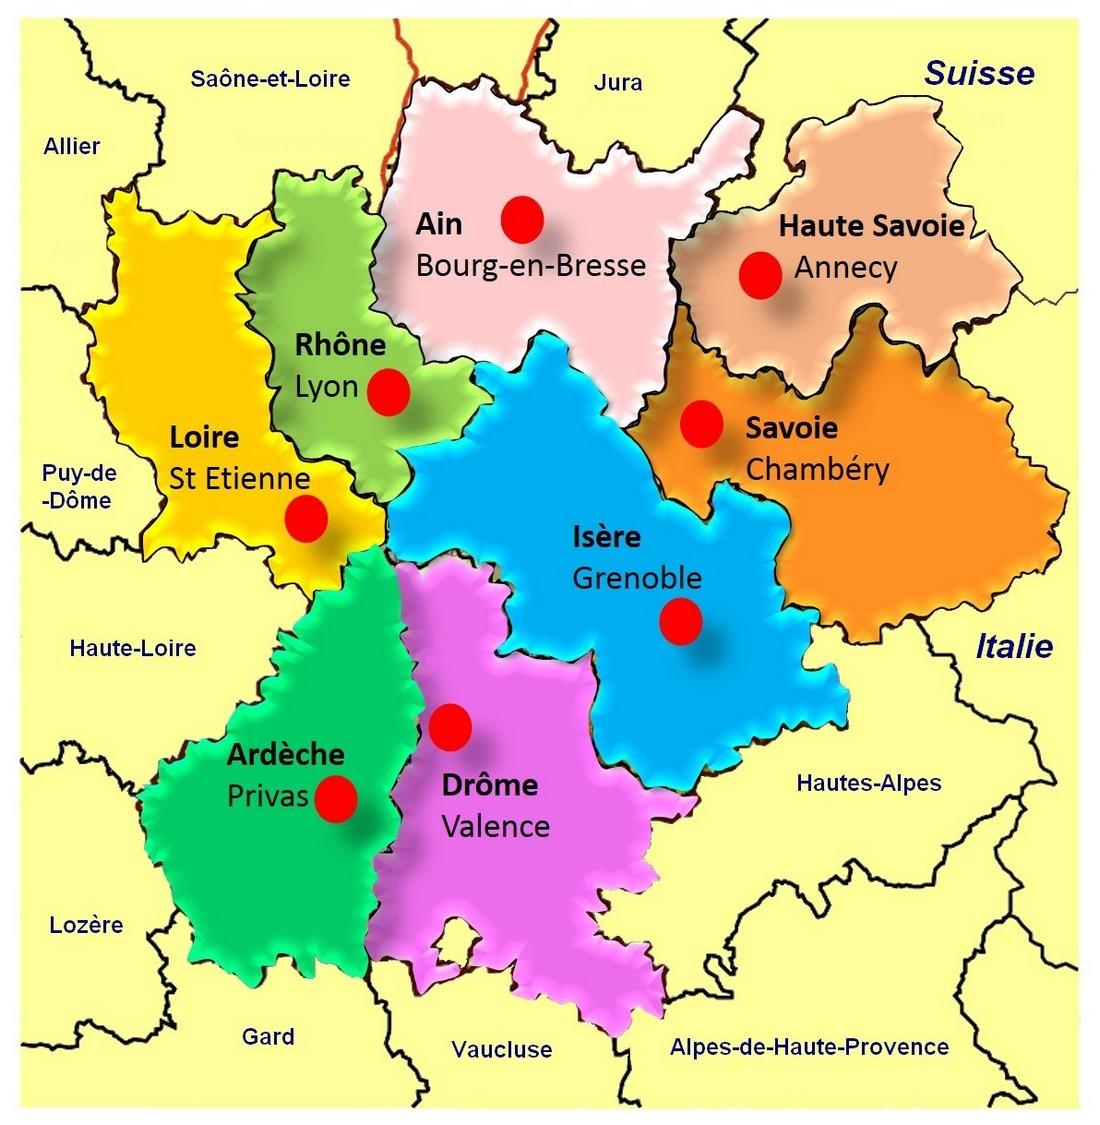 Comités Départementaux Fncta Auvergne Rhône Alpes